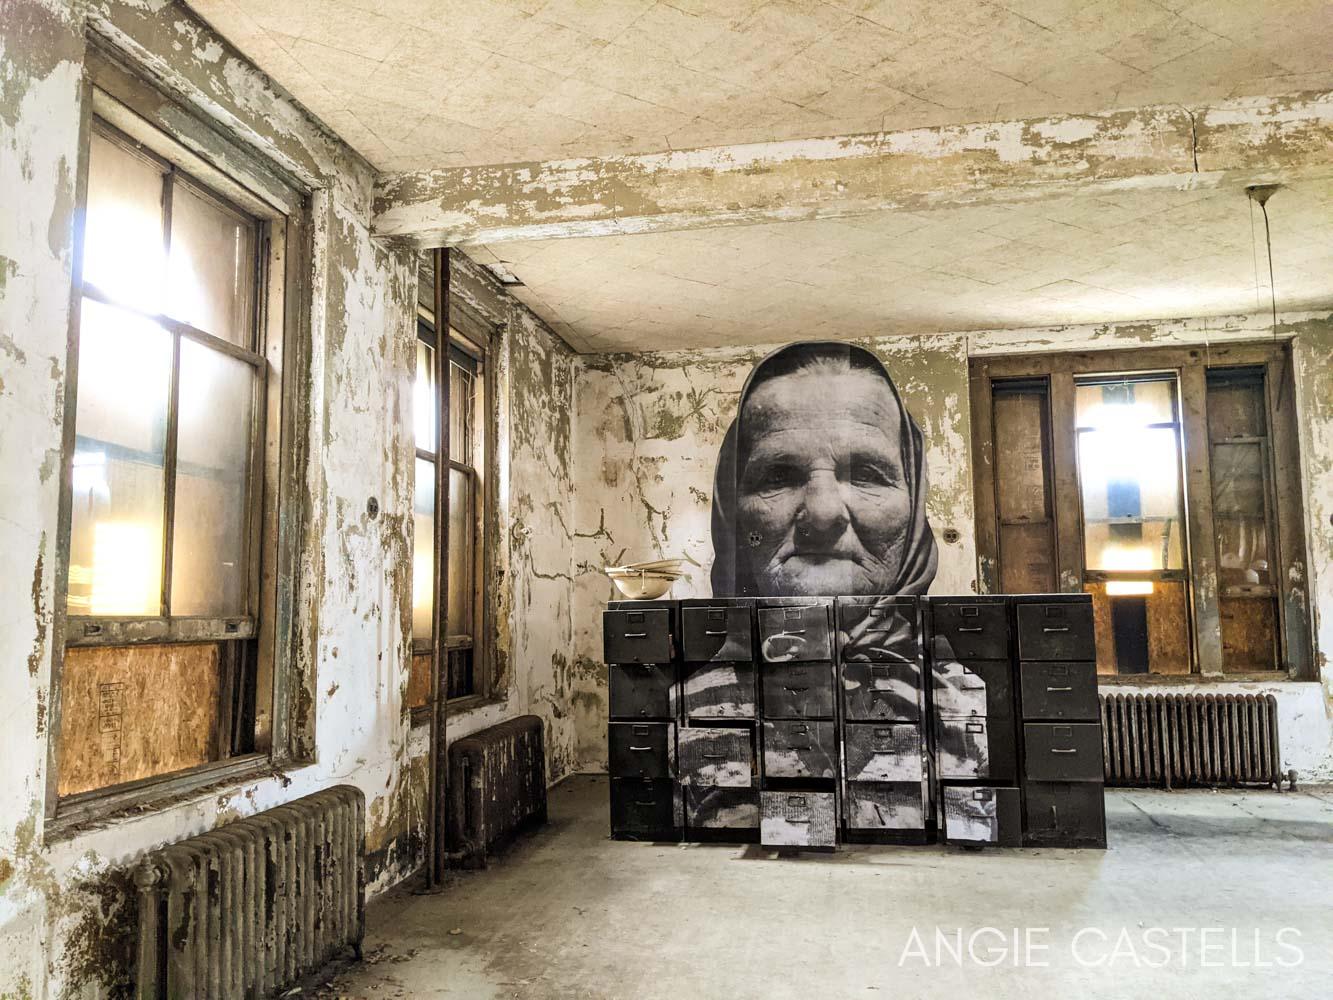 Visitar Ellis Island y tour por el hospital abandonado, en Nueva York